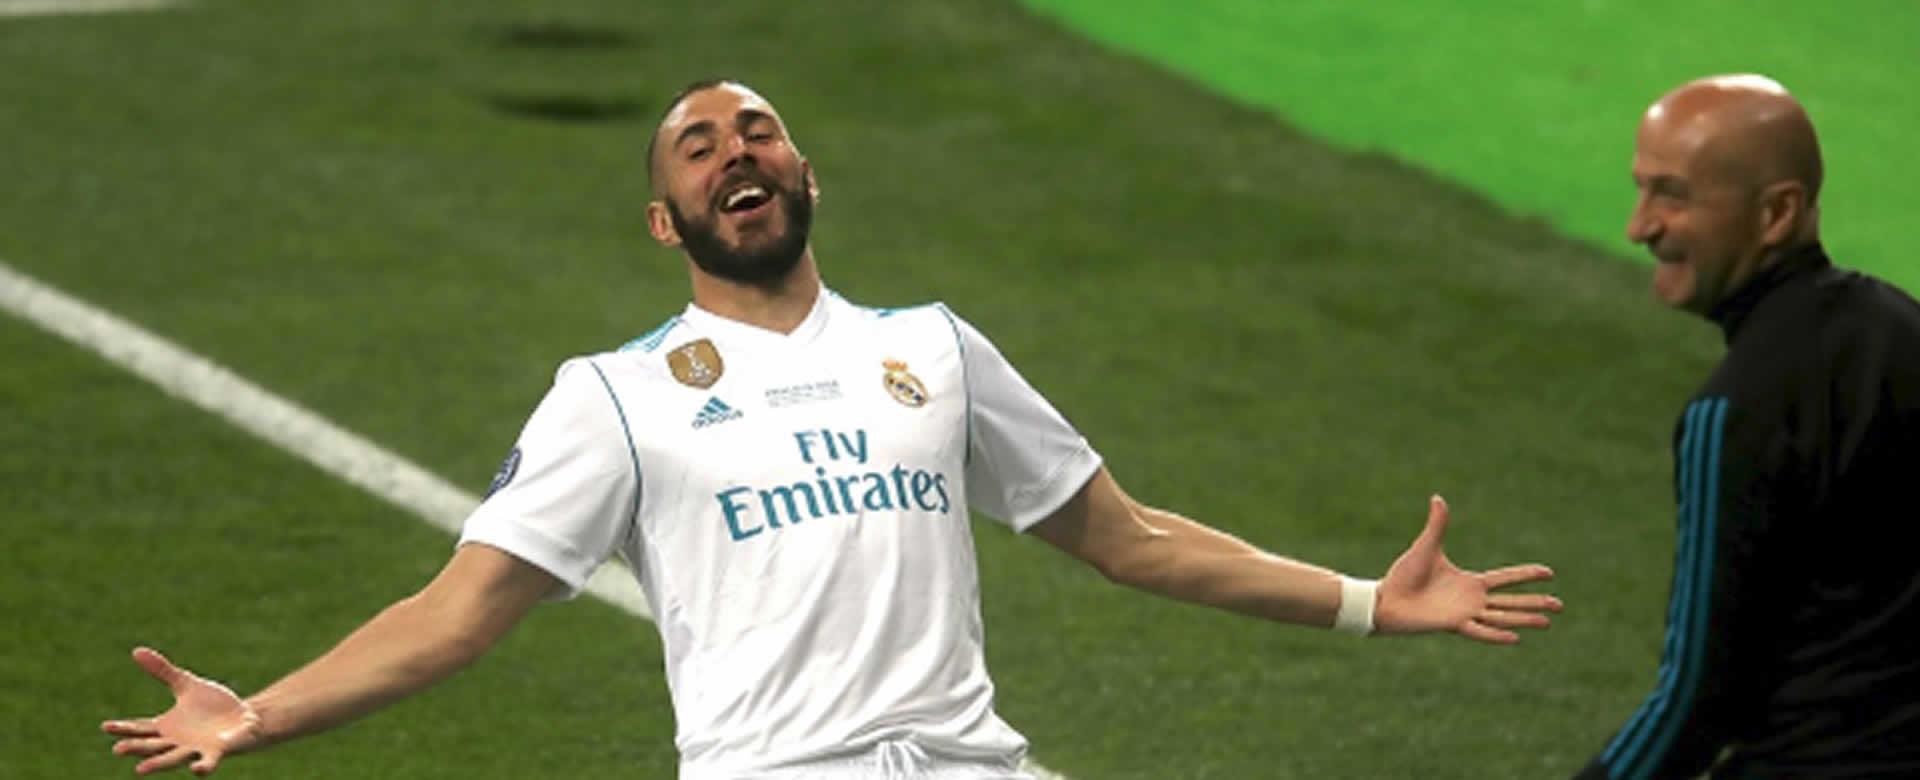 Real Madrid gana su decimotercera orejona de la Liga de Campeones en Kiev